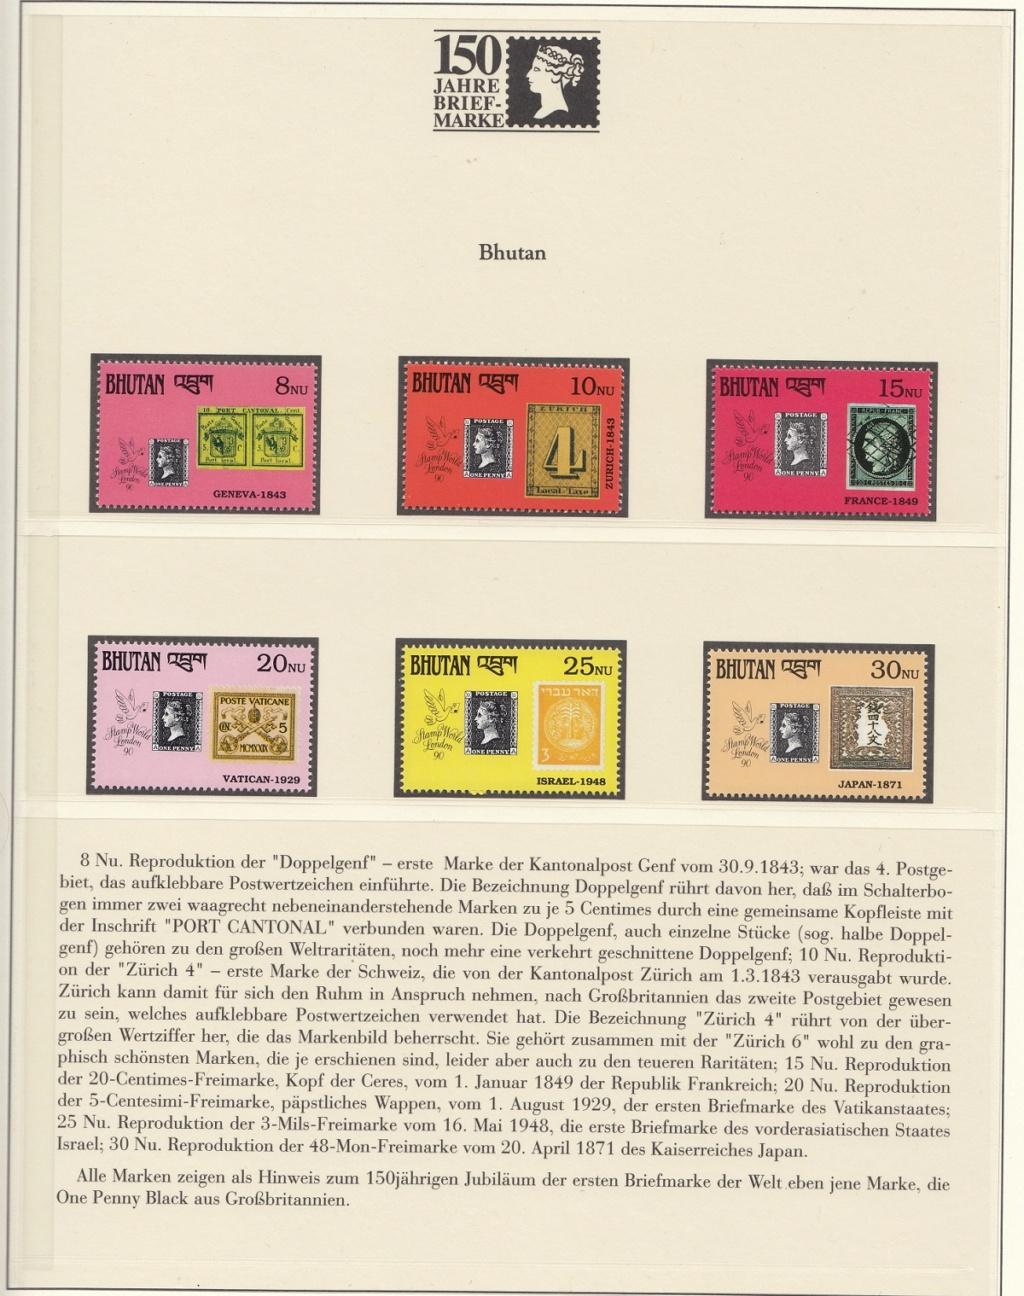 180 Jahre Briefmarke 150-1410